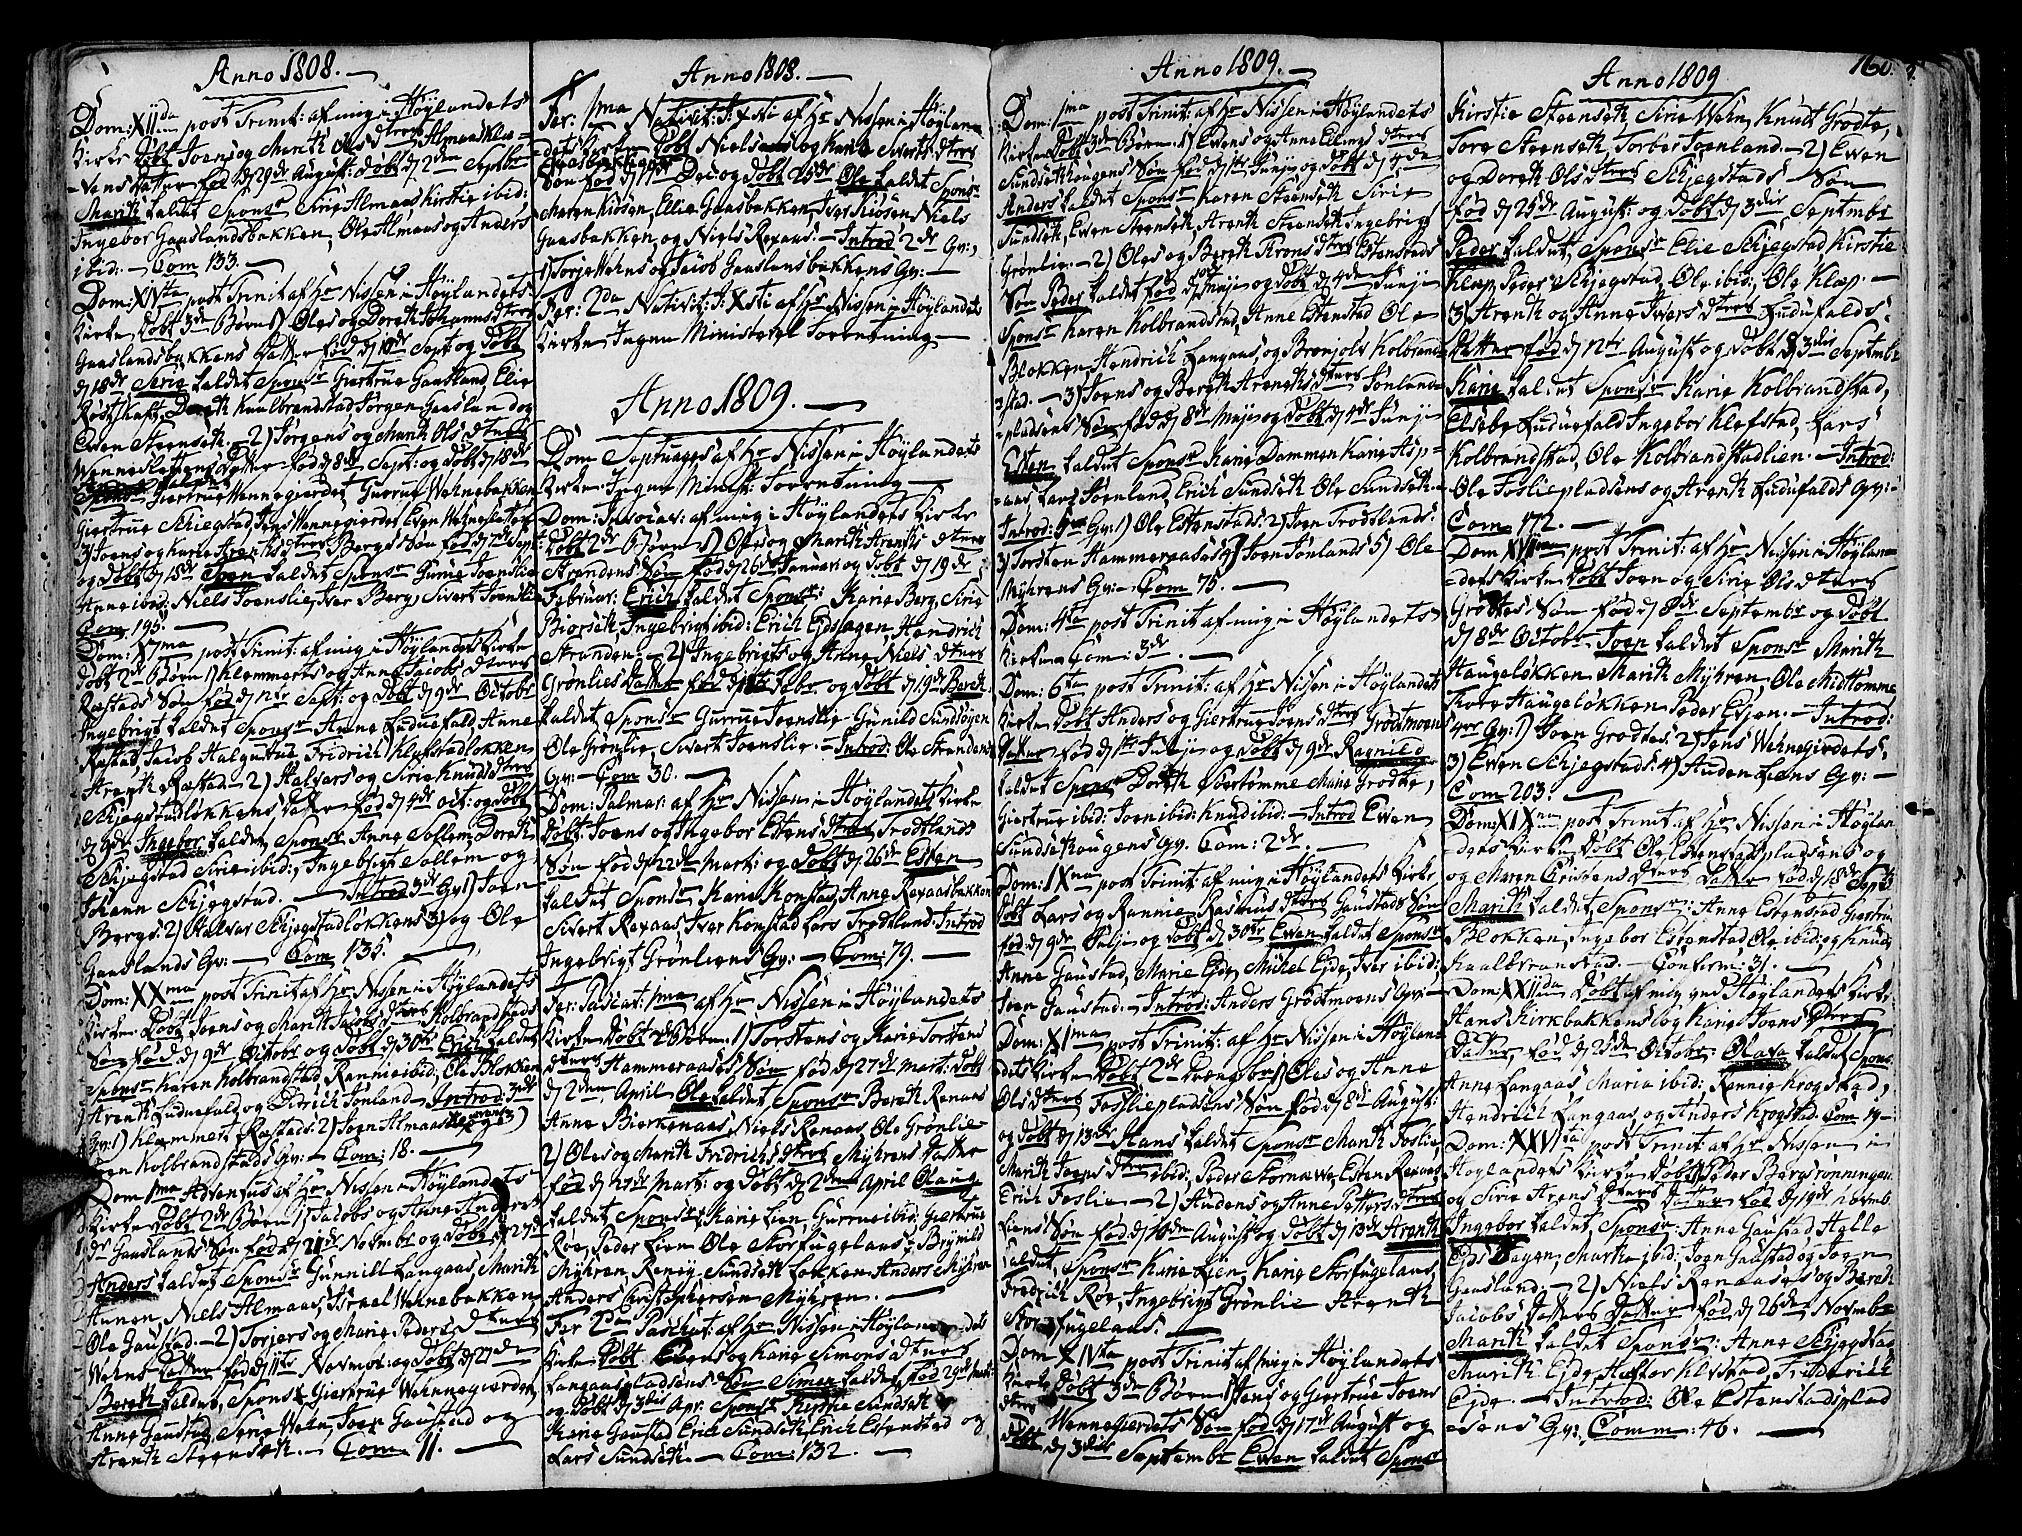 SAT, Ministerialprotokoller, klokkerbøker og fødselsregistre - Sør-Trøndelag, 691/L1064: Ministerialbok nr. 691A02 /4, 1768-1815, s. 160